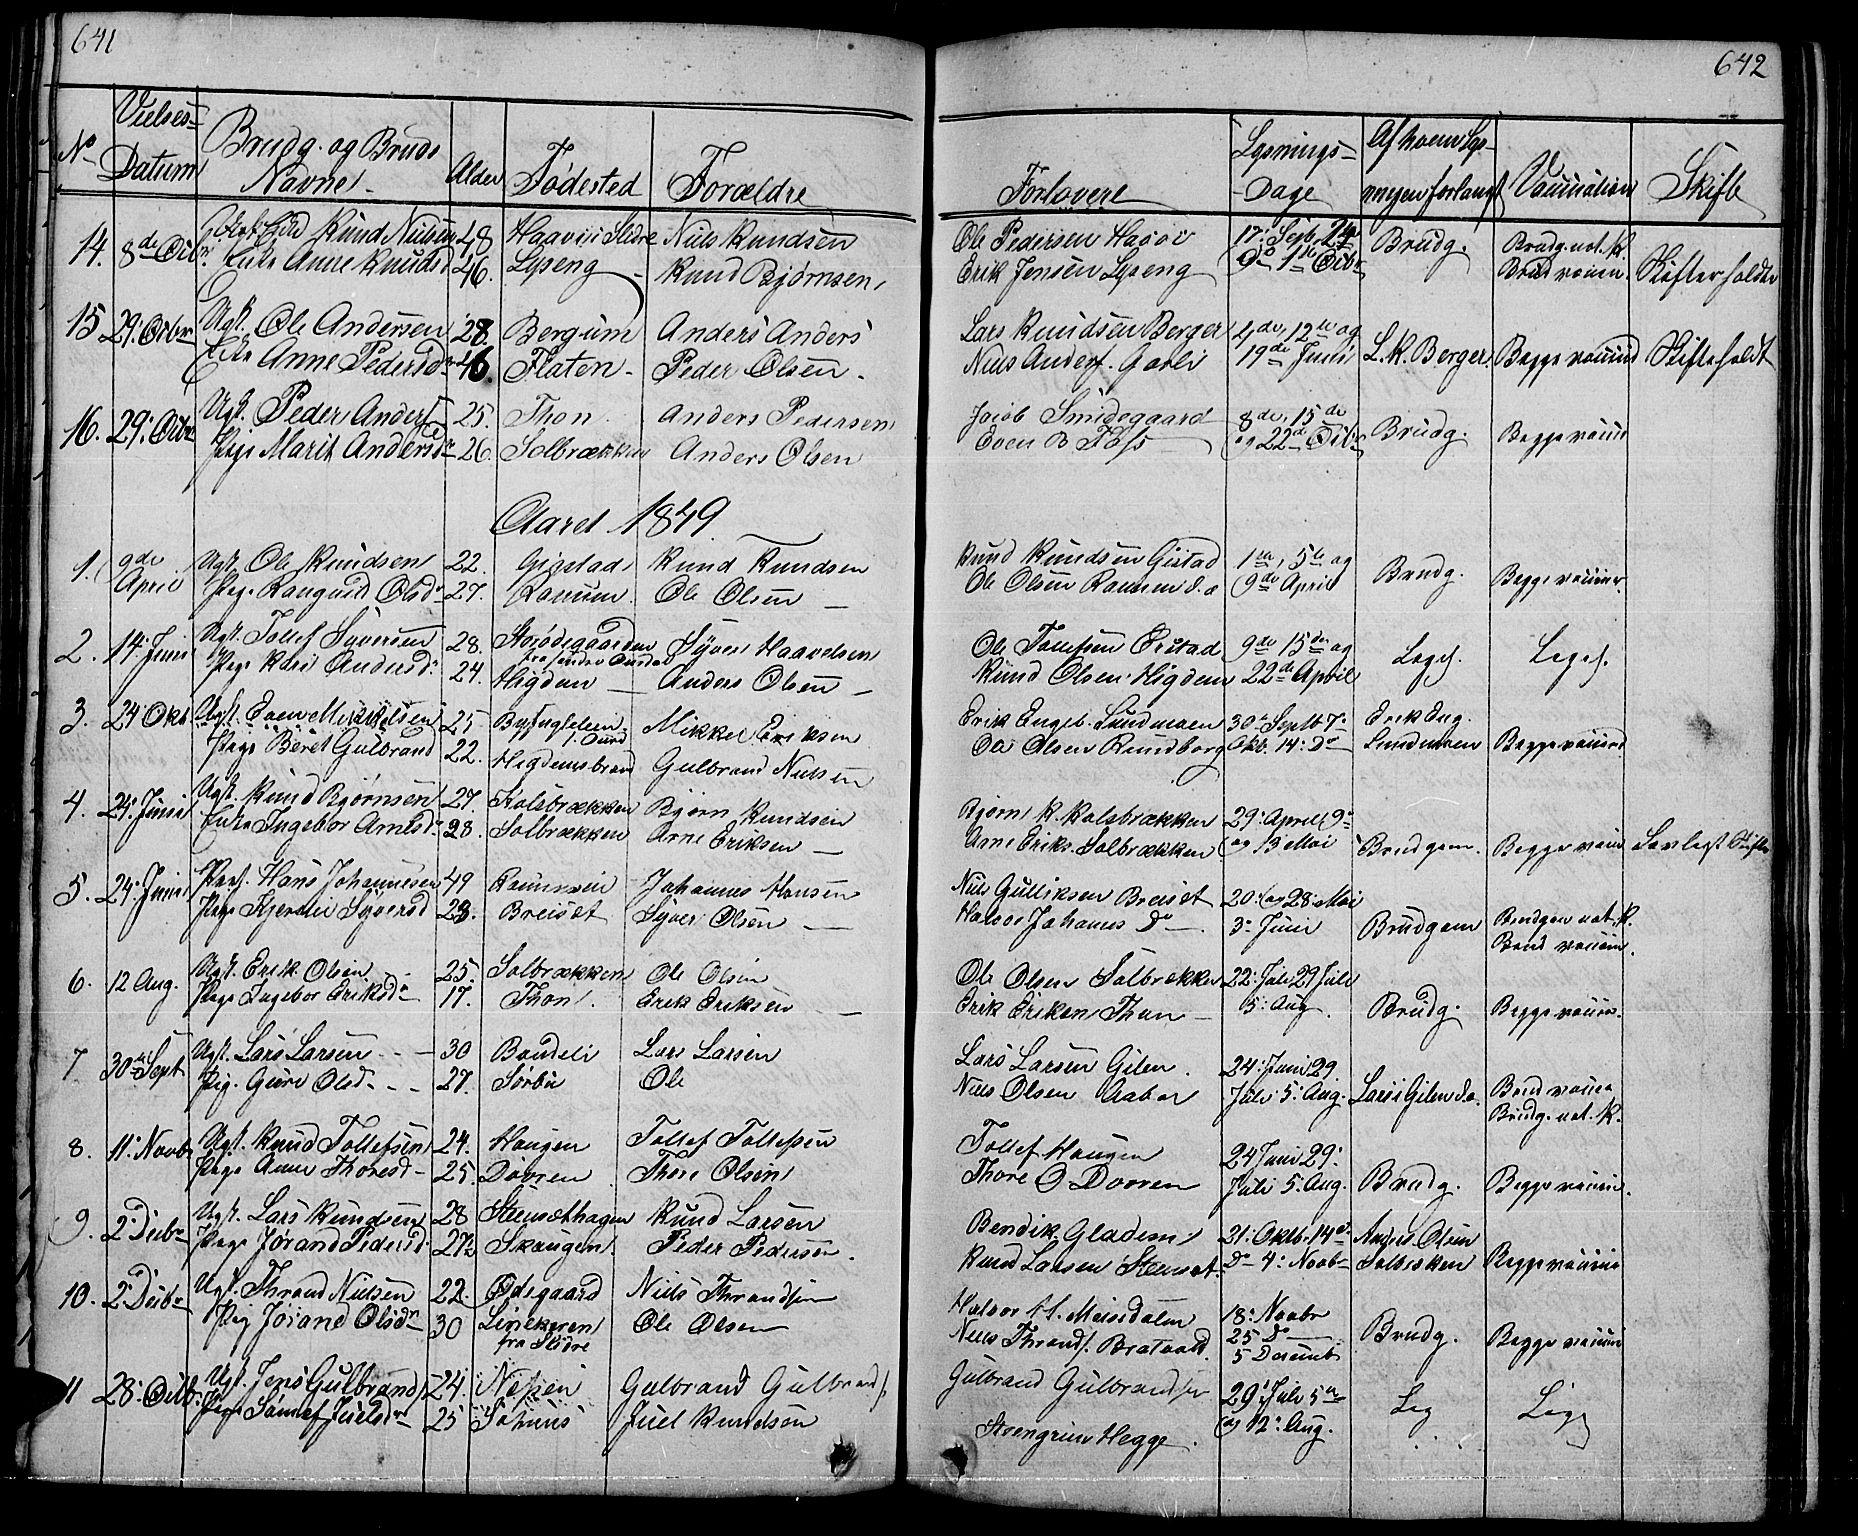 SAH, Nord-Aurdal prestekontor, Klokkerbok nr. 1, 1834-1887, s. 641-642